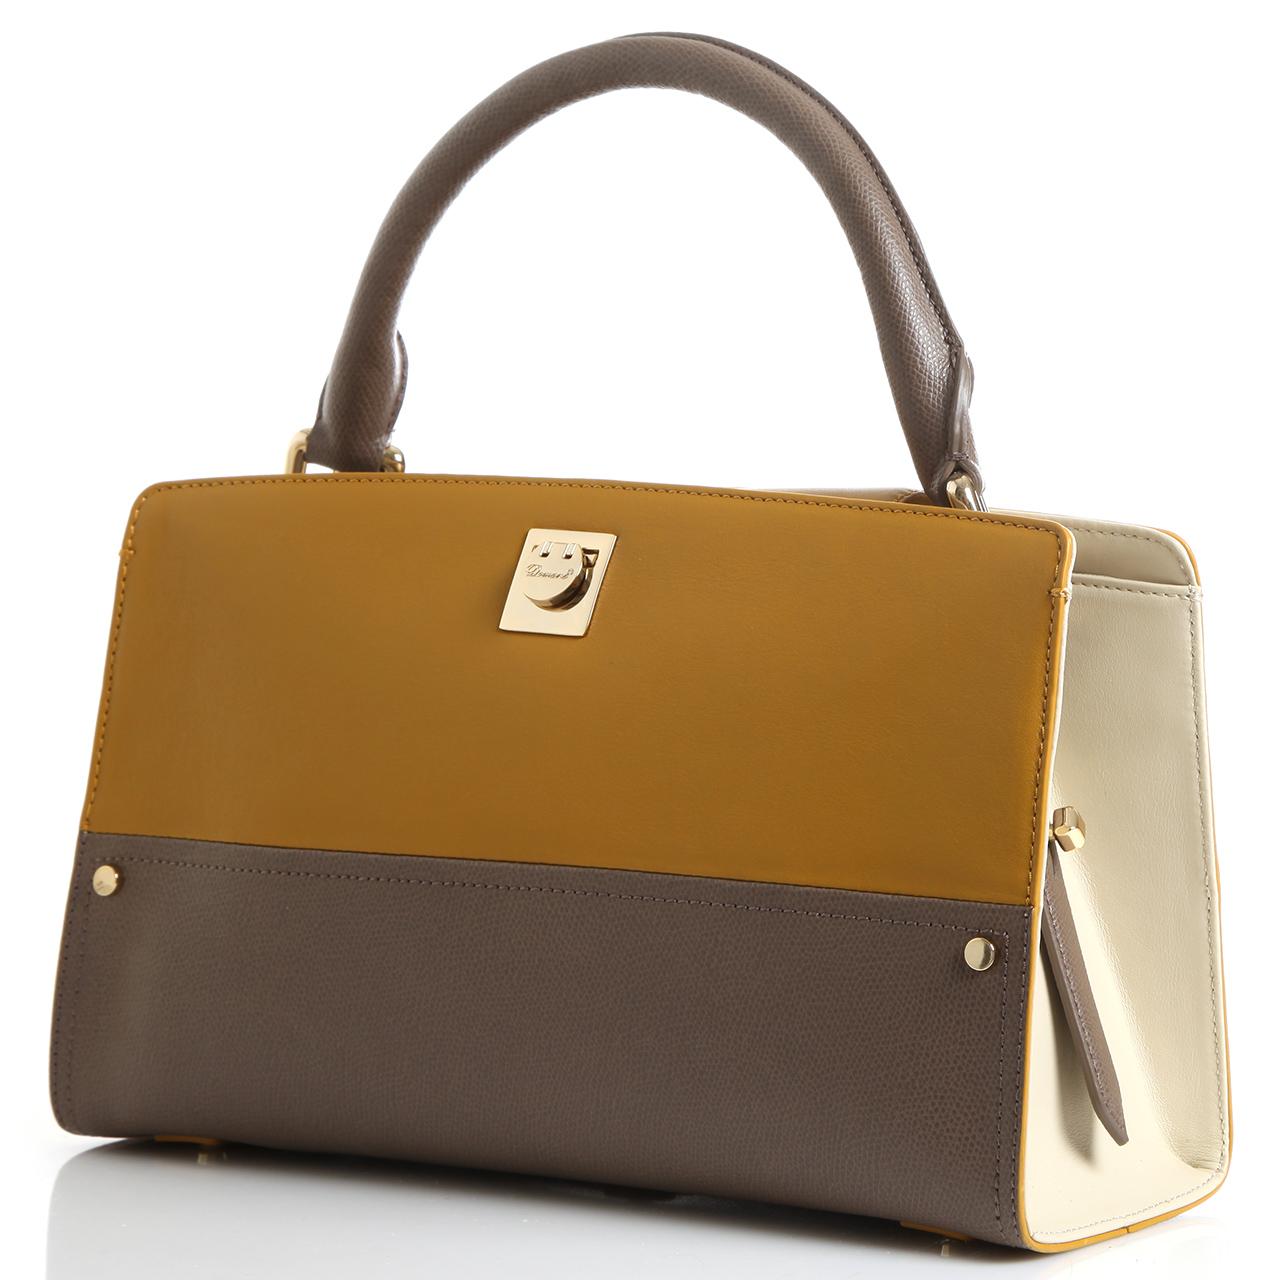 65428963e501 Распродажа кожаных сумок, аксессуаров и обуви в интернет-магазине Домани  (Domani) - Москва